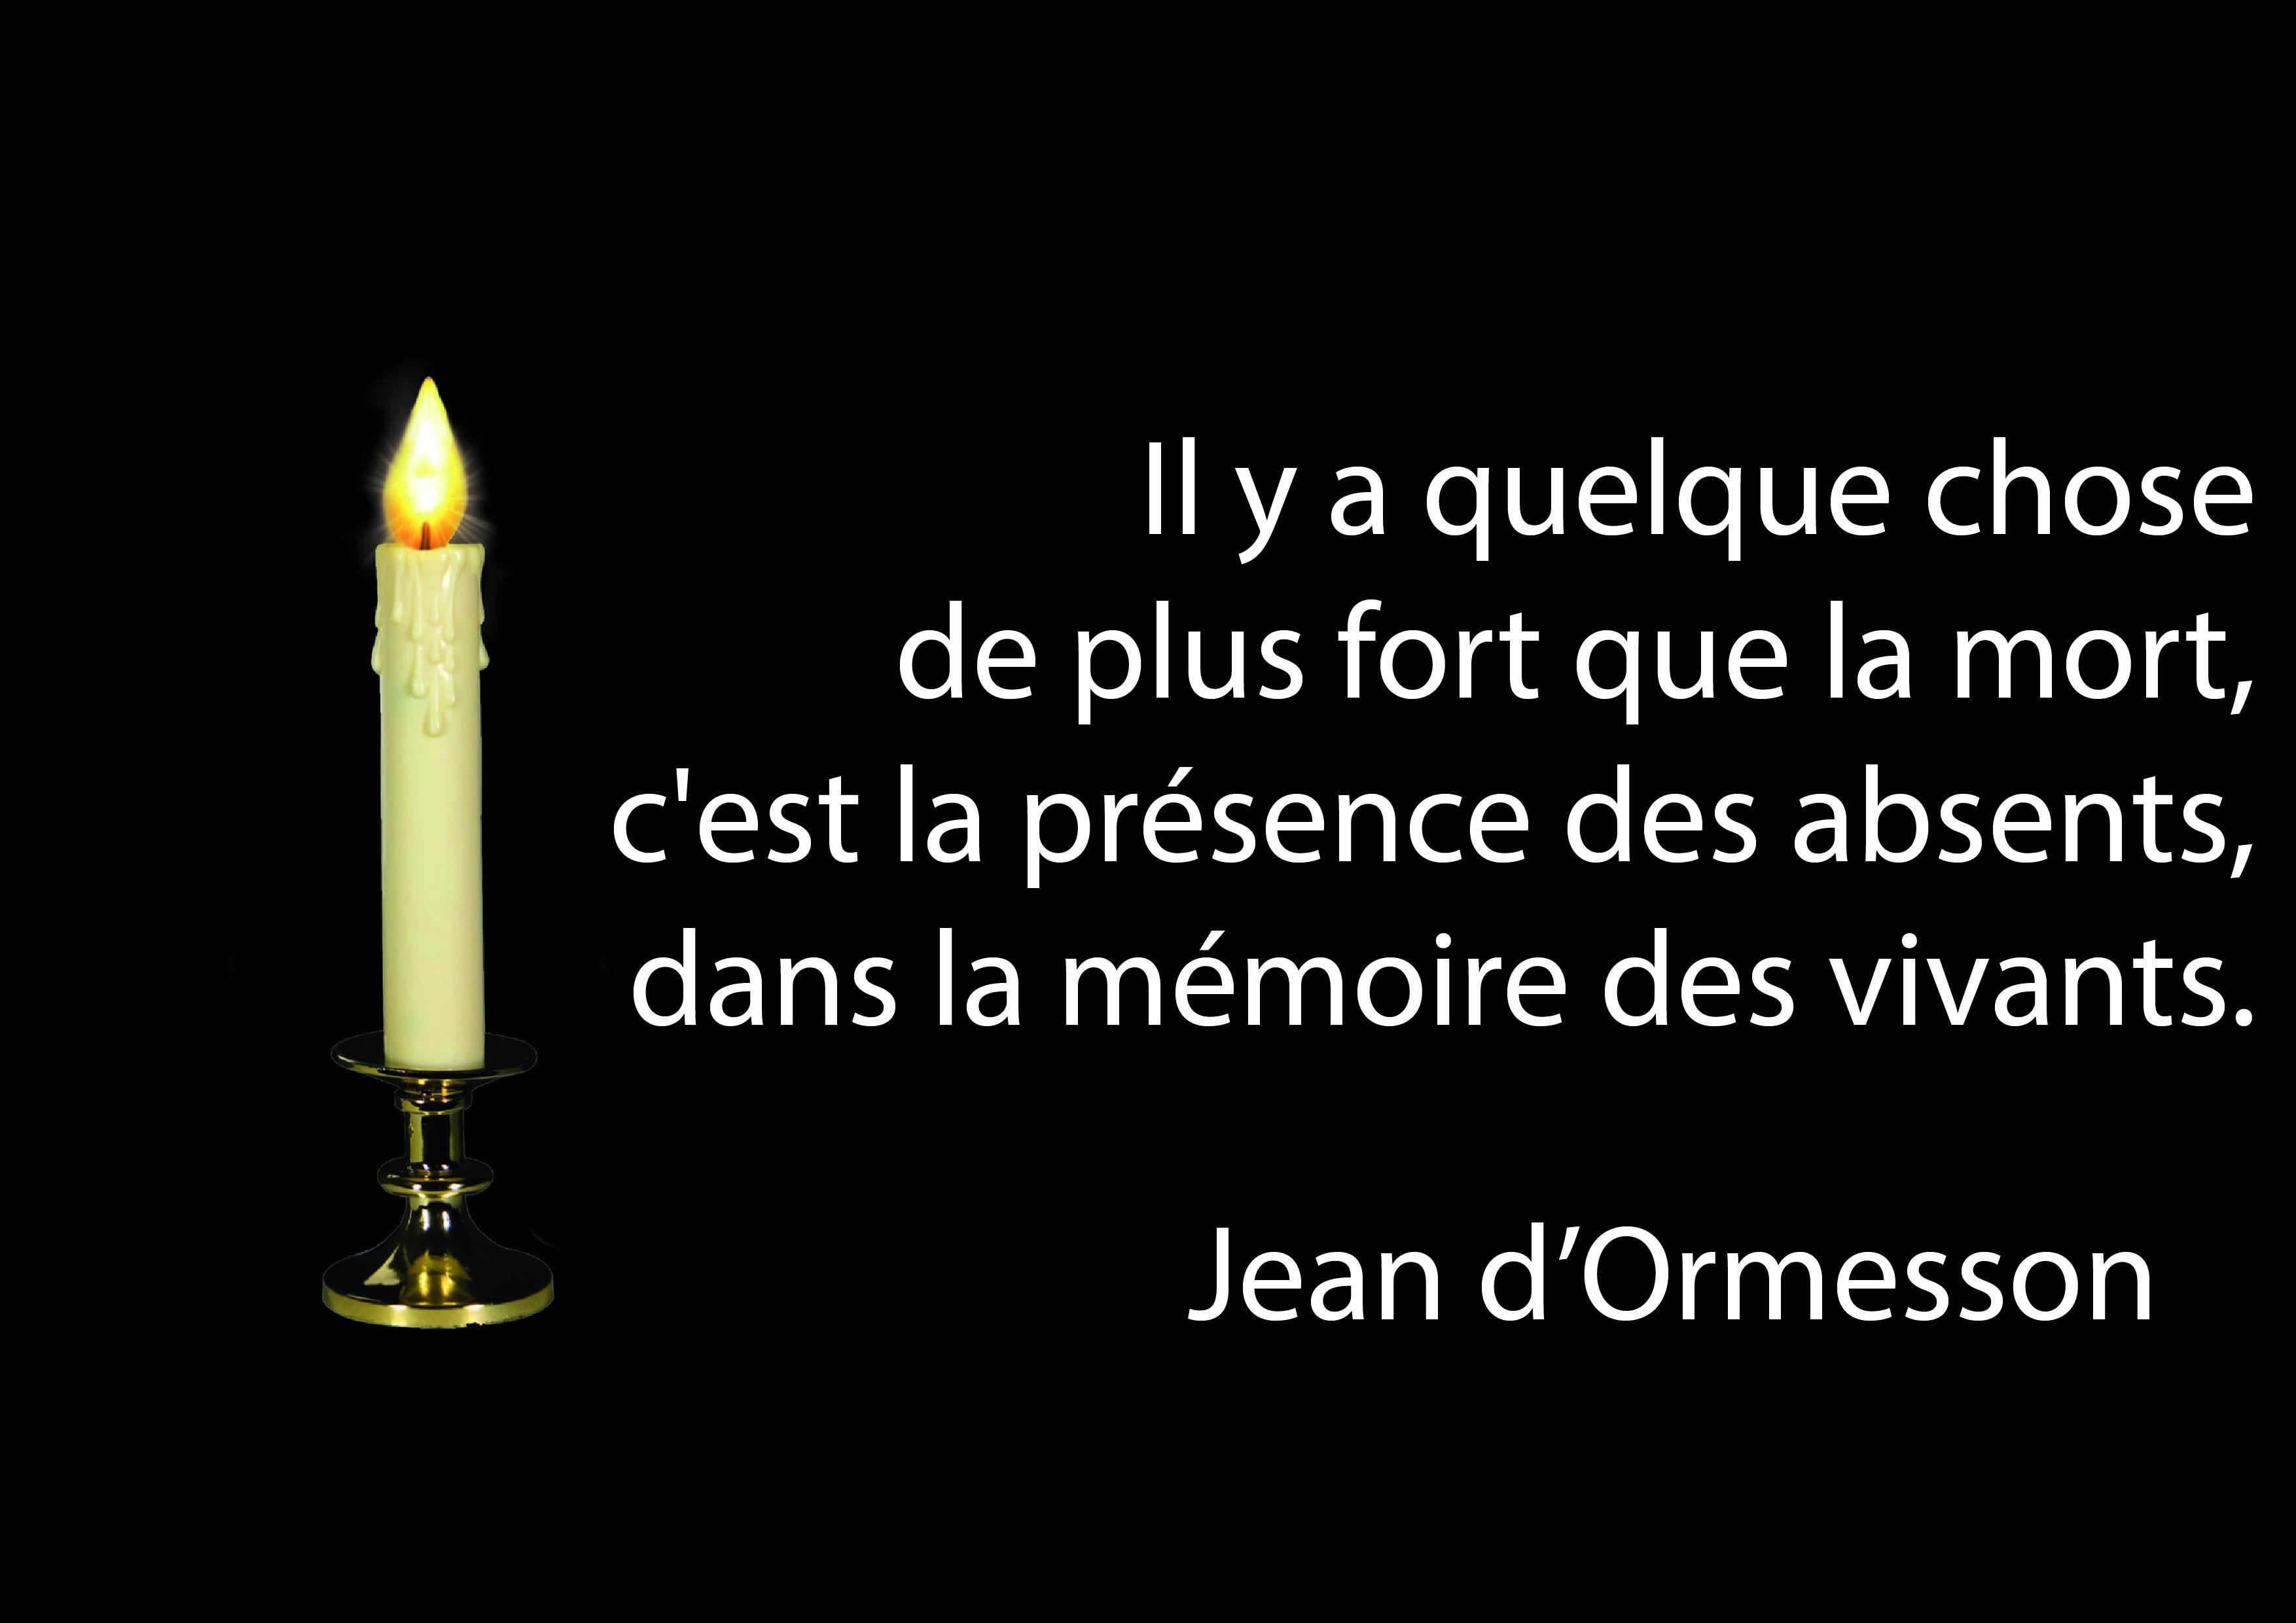 La Disparition De Jean D Ormesson La Nuit Dernière Cette